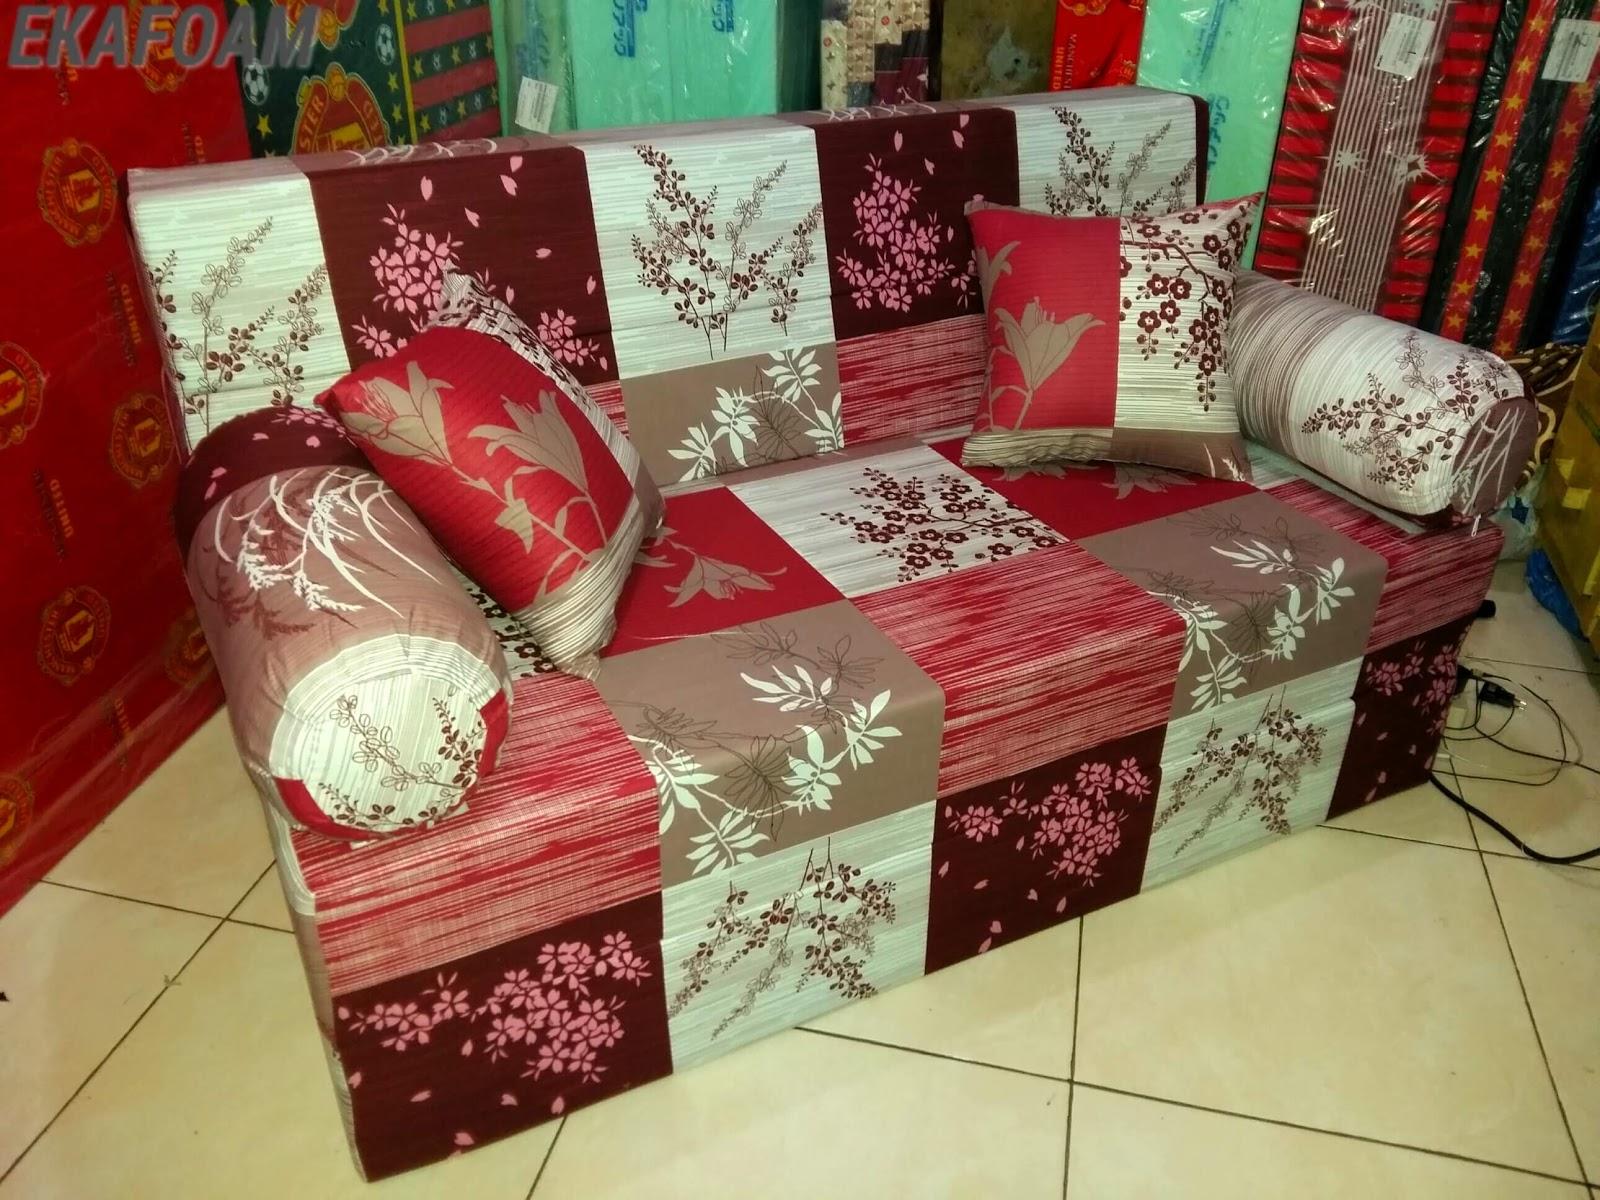 harga cover sofa bed inoac repair and reupholstery terbaru 2019 agen jual kasur busa motif padi merah